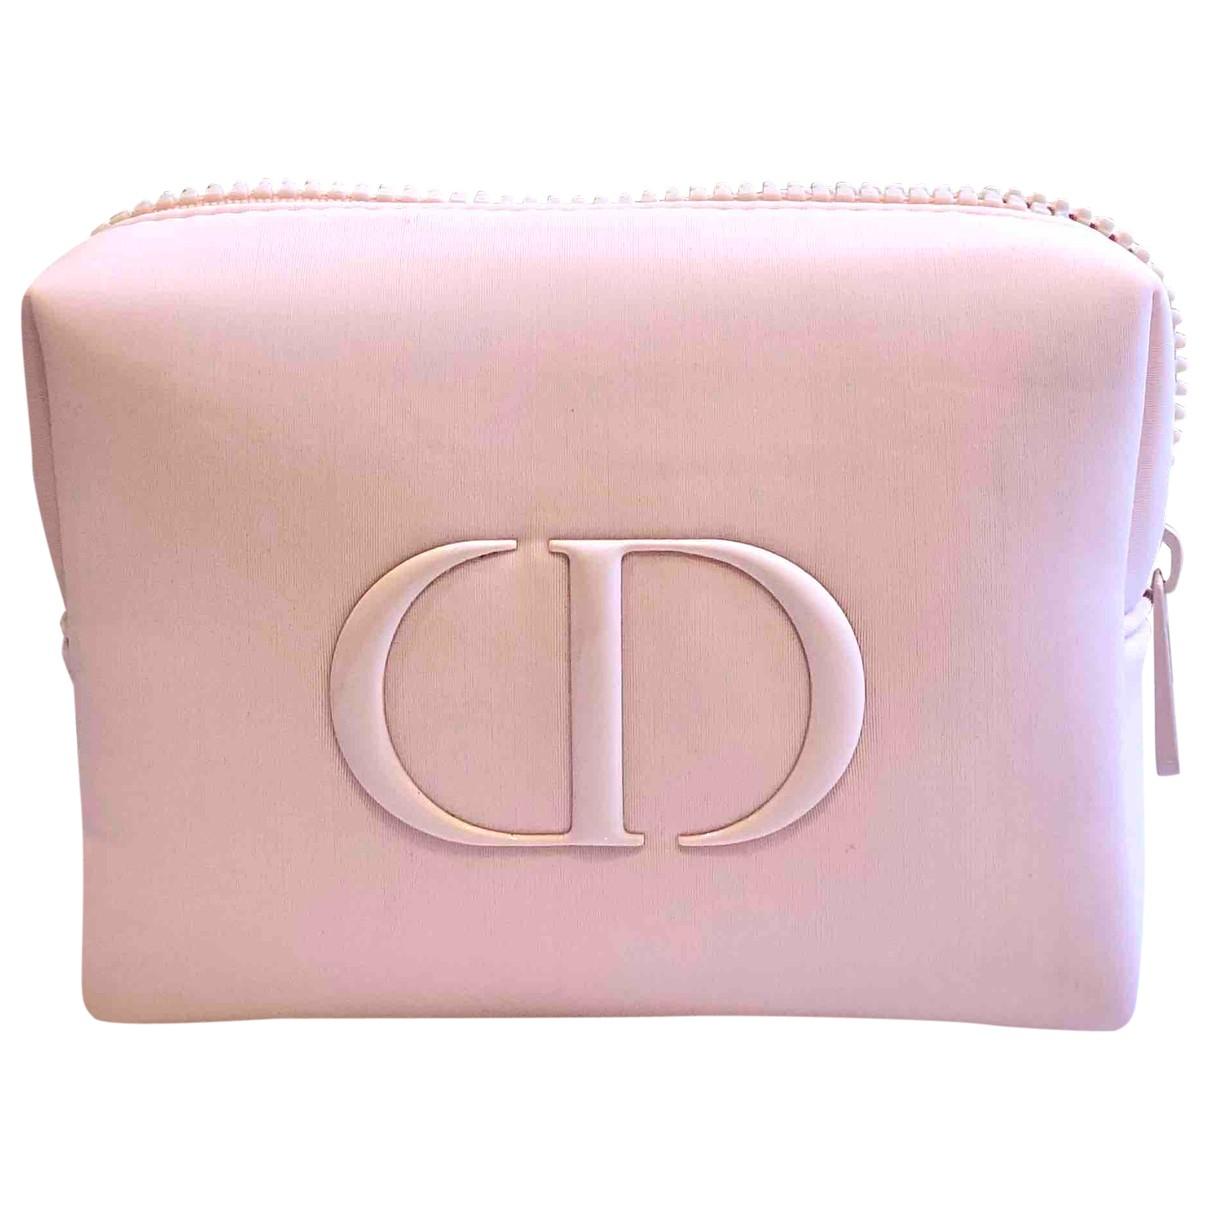 Dior - Sac de voyage   pour femme - rose